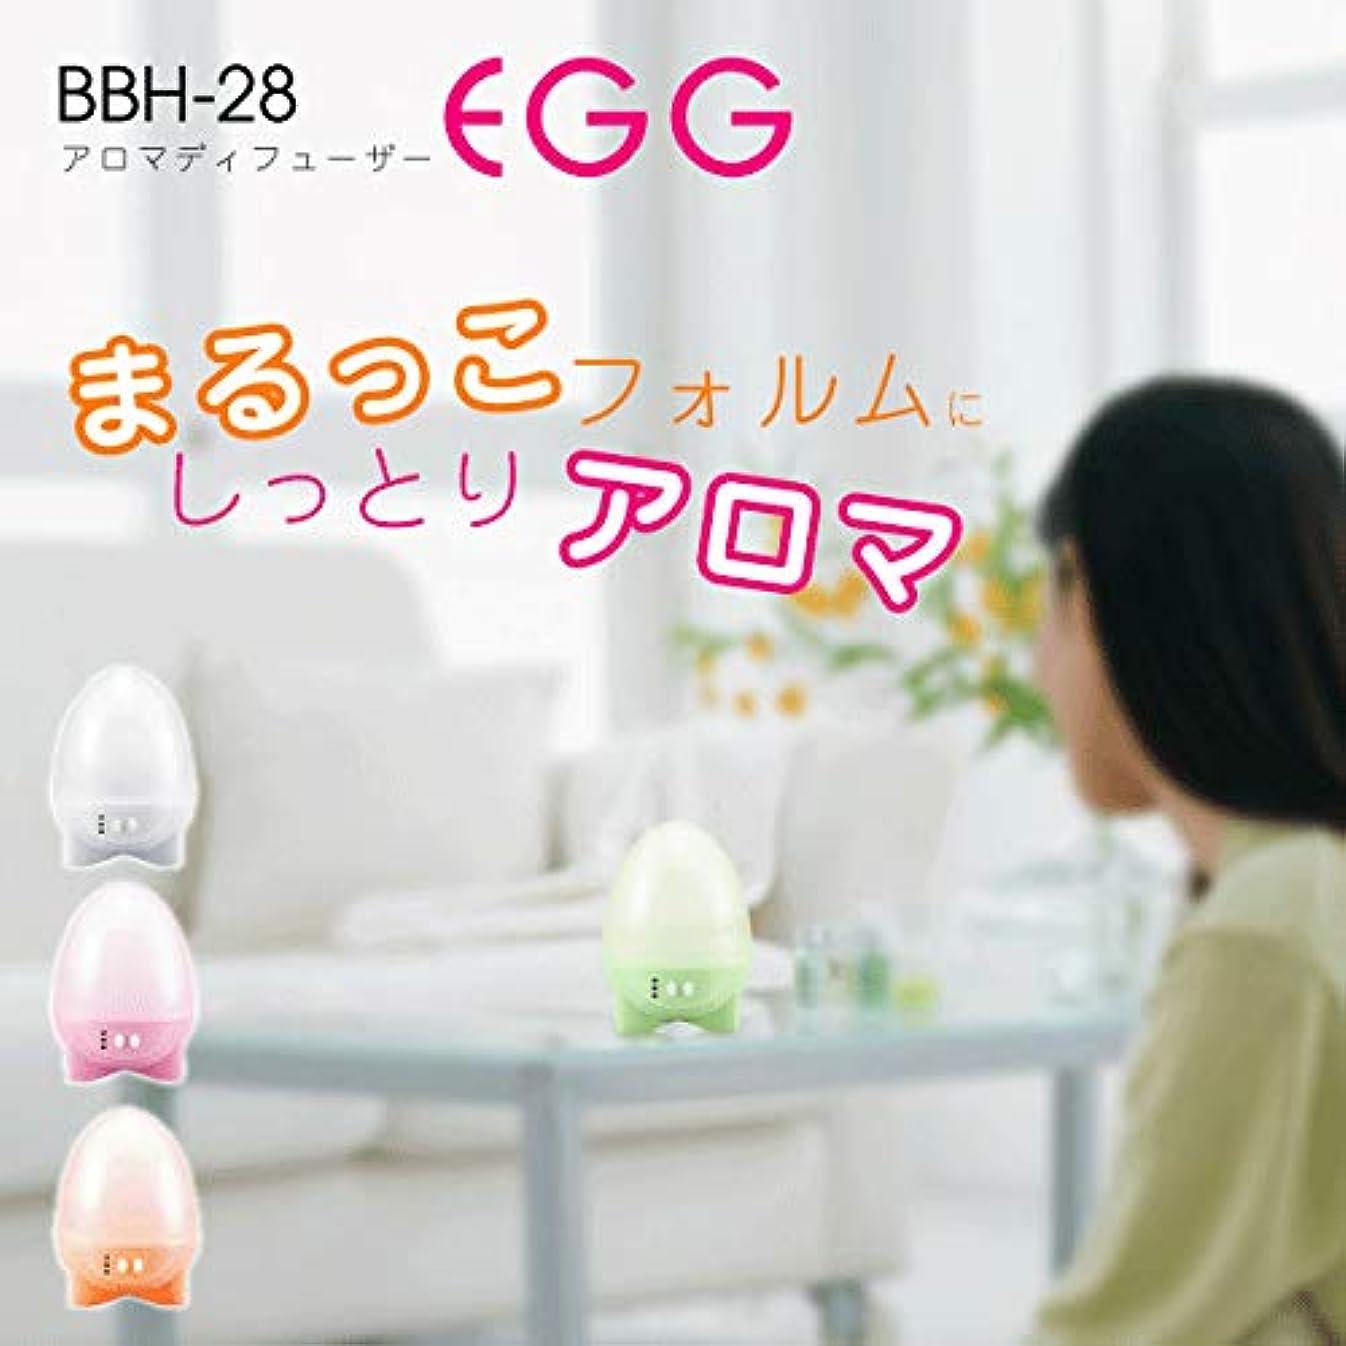 ラッカス狂う液化するPRISMATE(プリズメイト)アロマディフューザー Egg BBH-28 [在庫有]